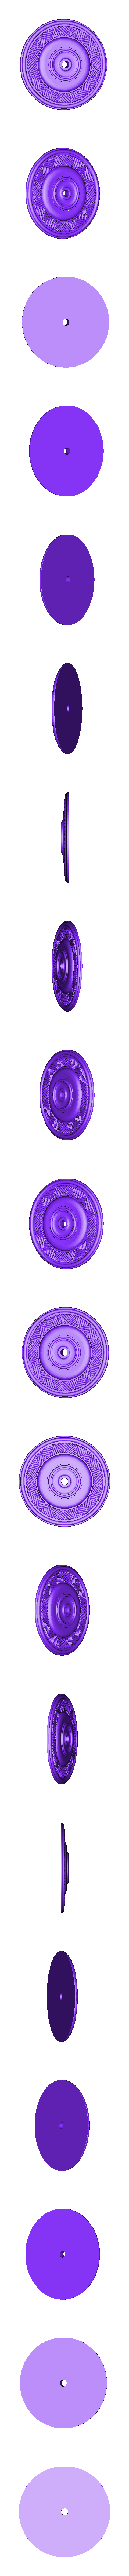 18.obj Télécharger fichier OBJ gratuit Moulures vintage pour vieux appartements classiques cnc art machine à router 3D printed • Modèle à imprimer en 3D, 3DPrinterFiles